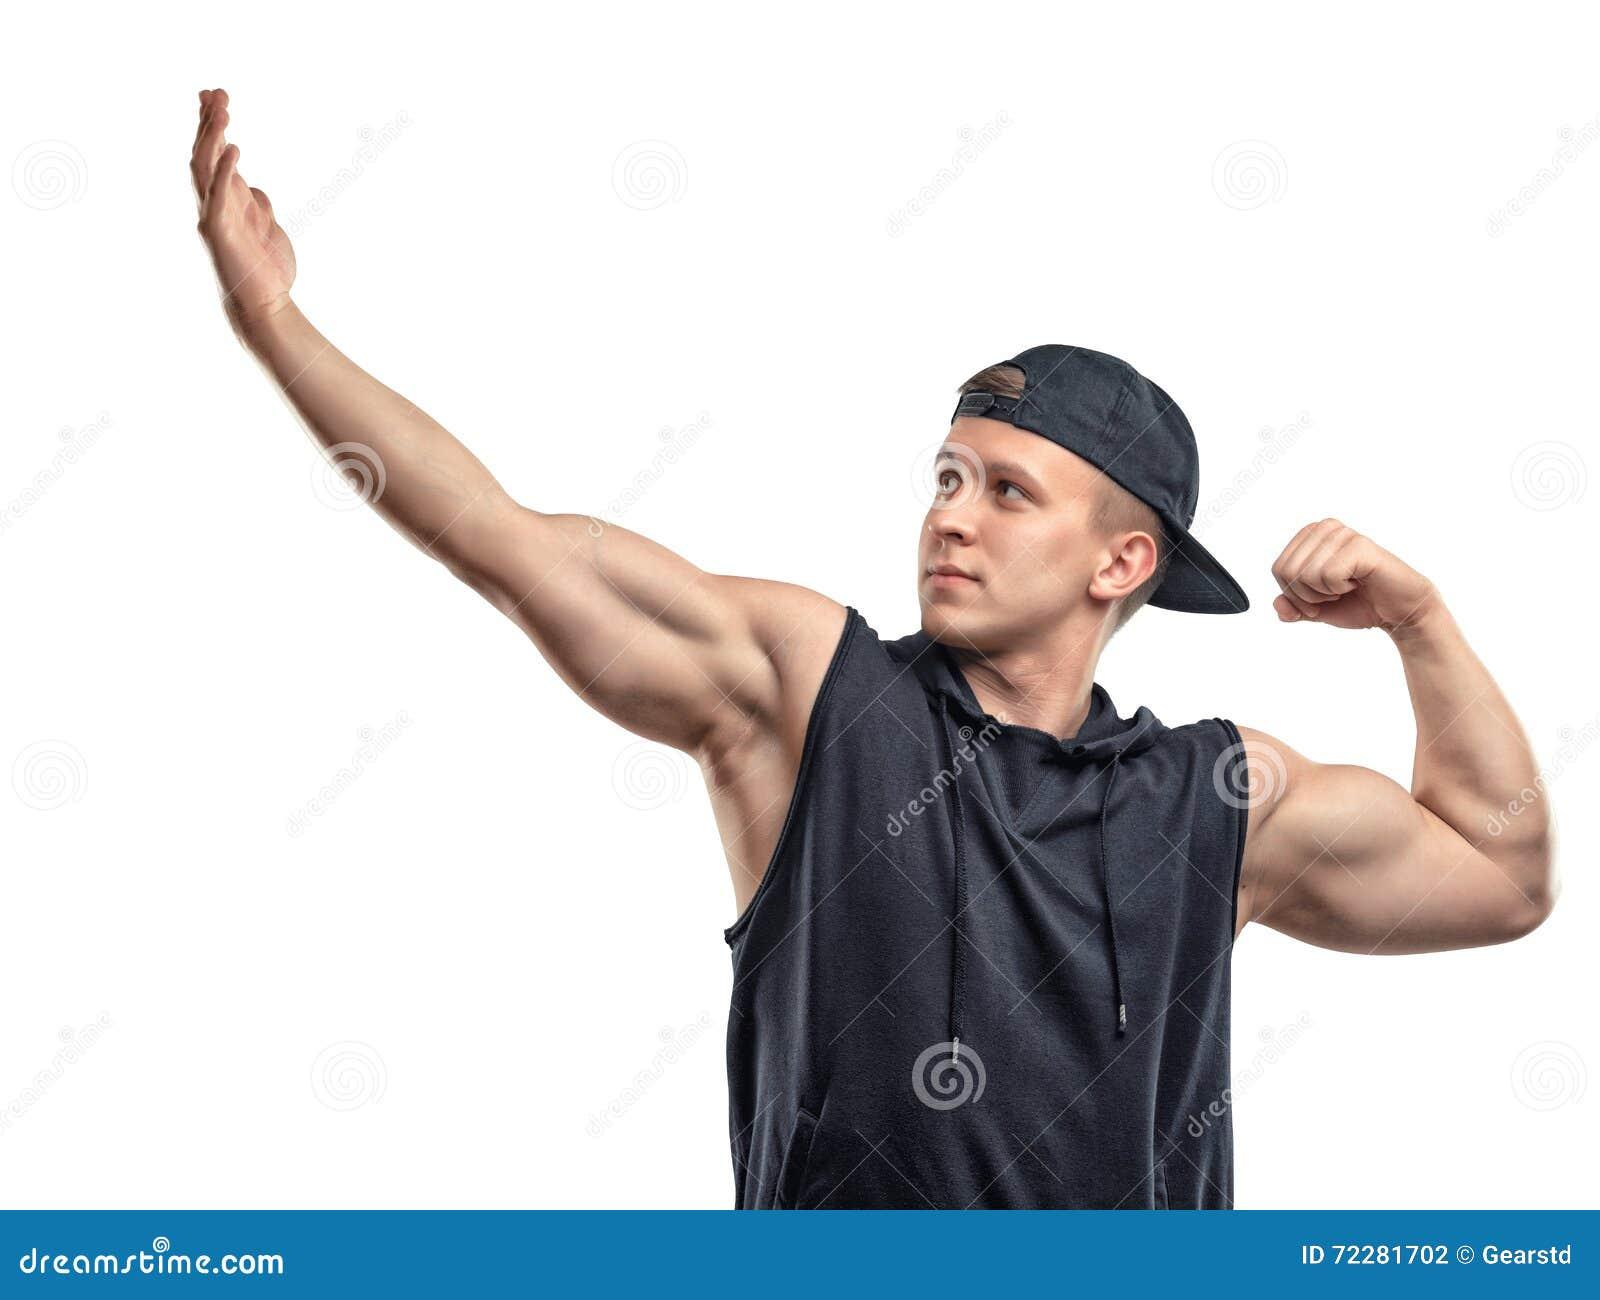 La pose et les expositions d homme de forme physique de Coutout arment des muscles, biceps